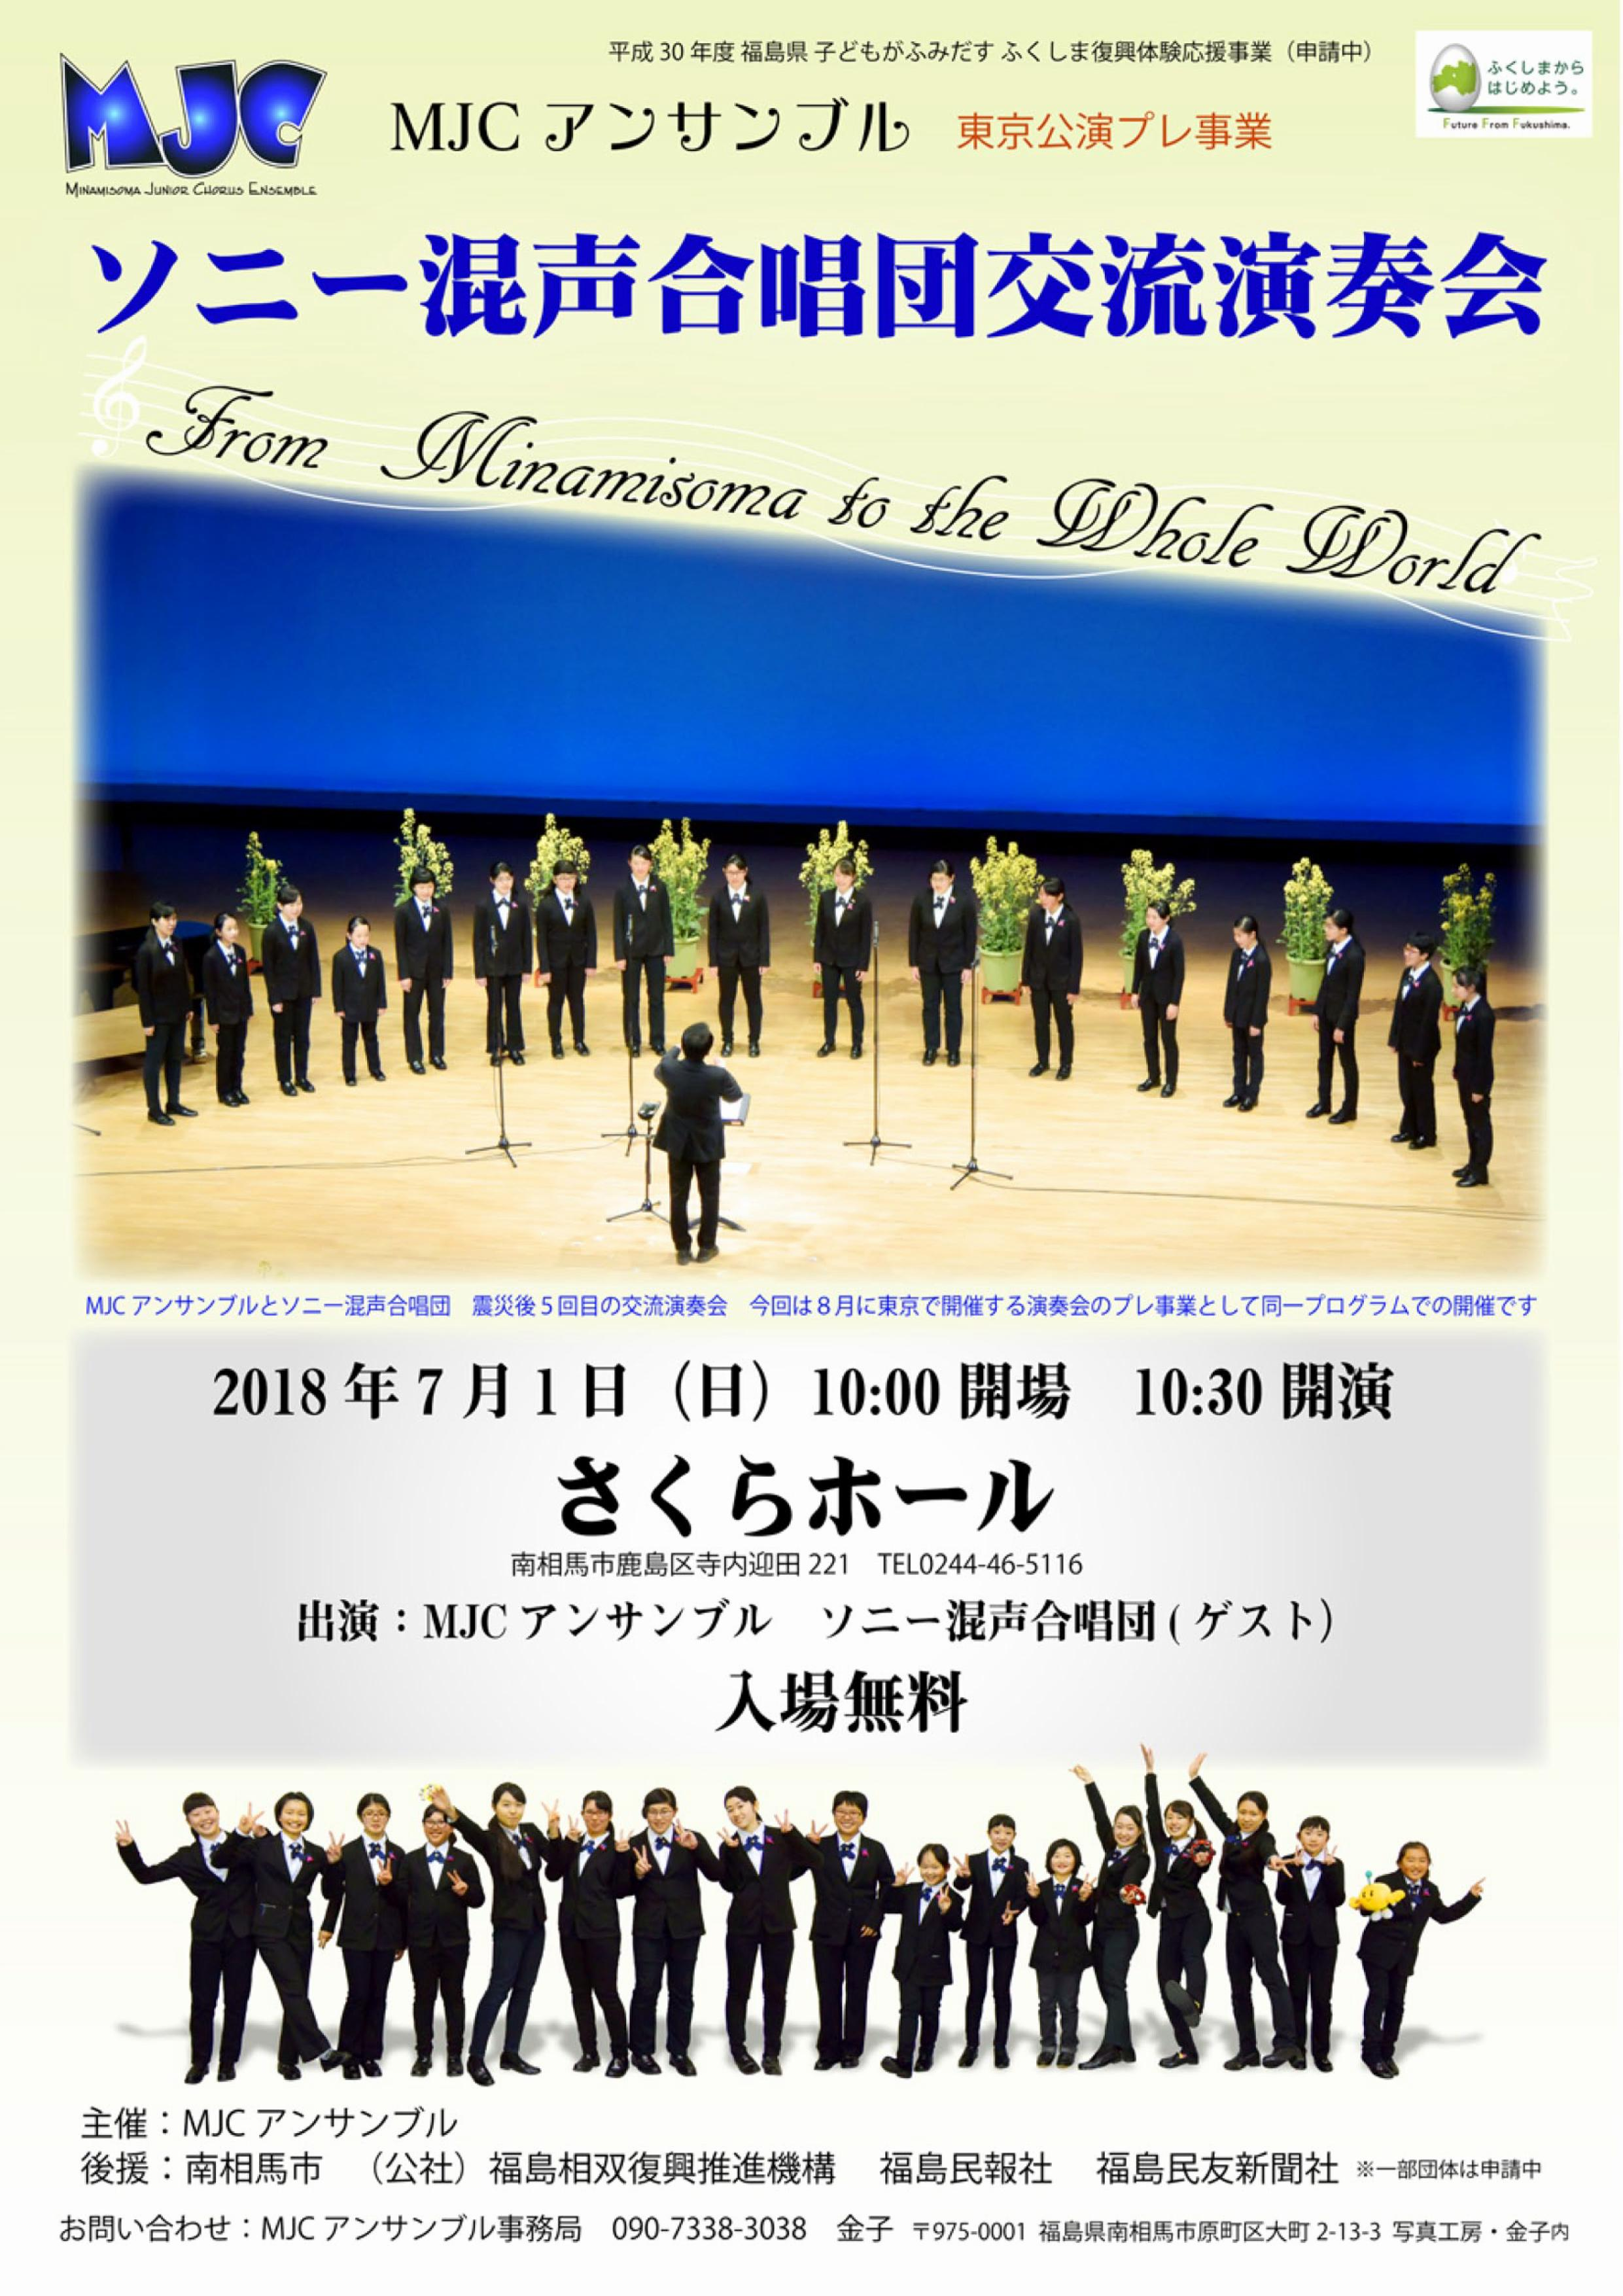 2018.7.1MJCアンサンブル東京公演プレ事業ソニー混声合唱団交流演奏会